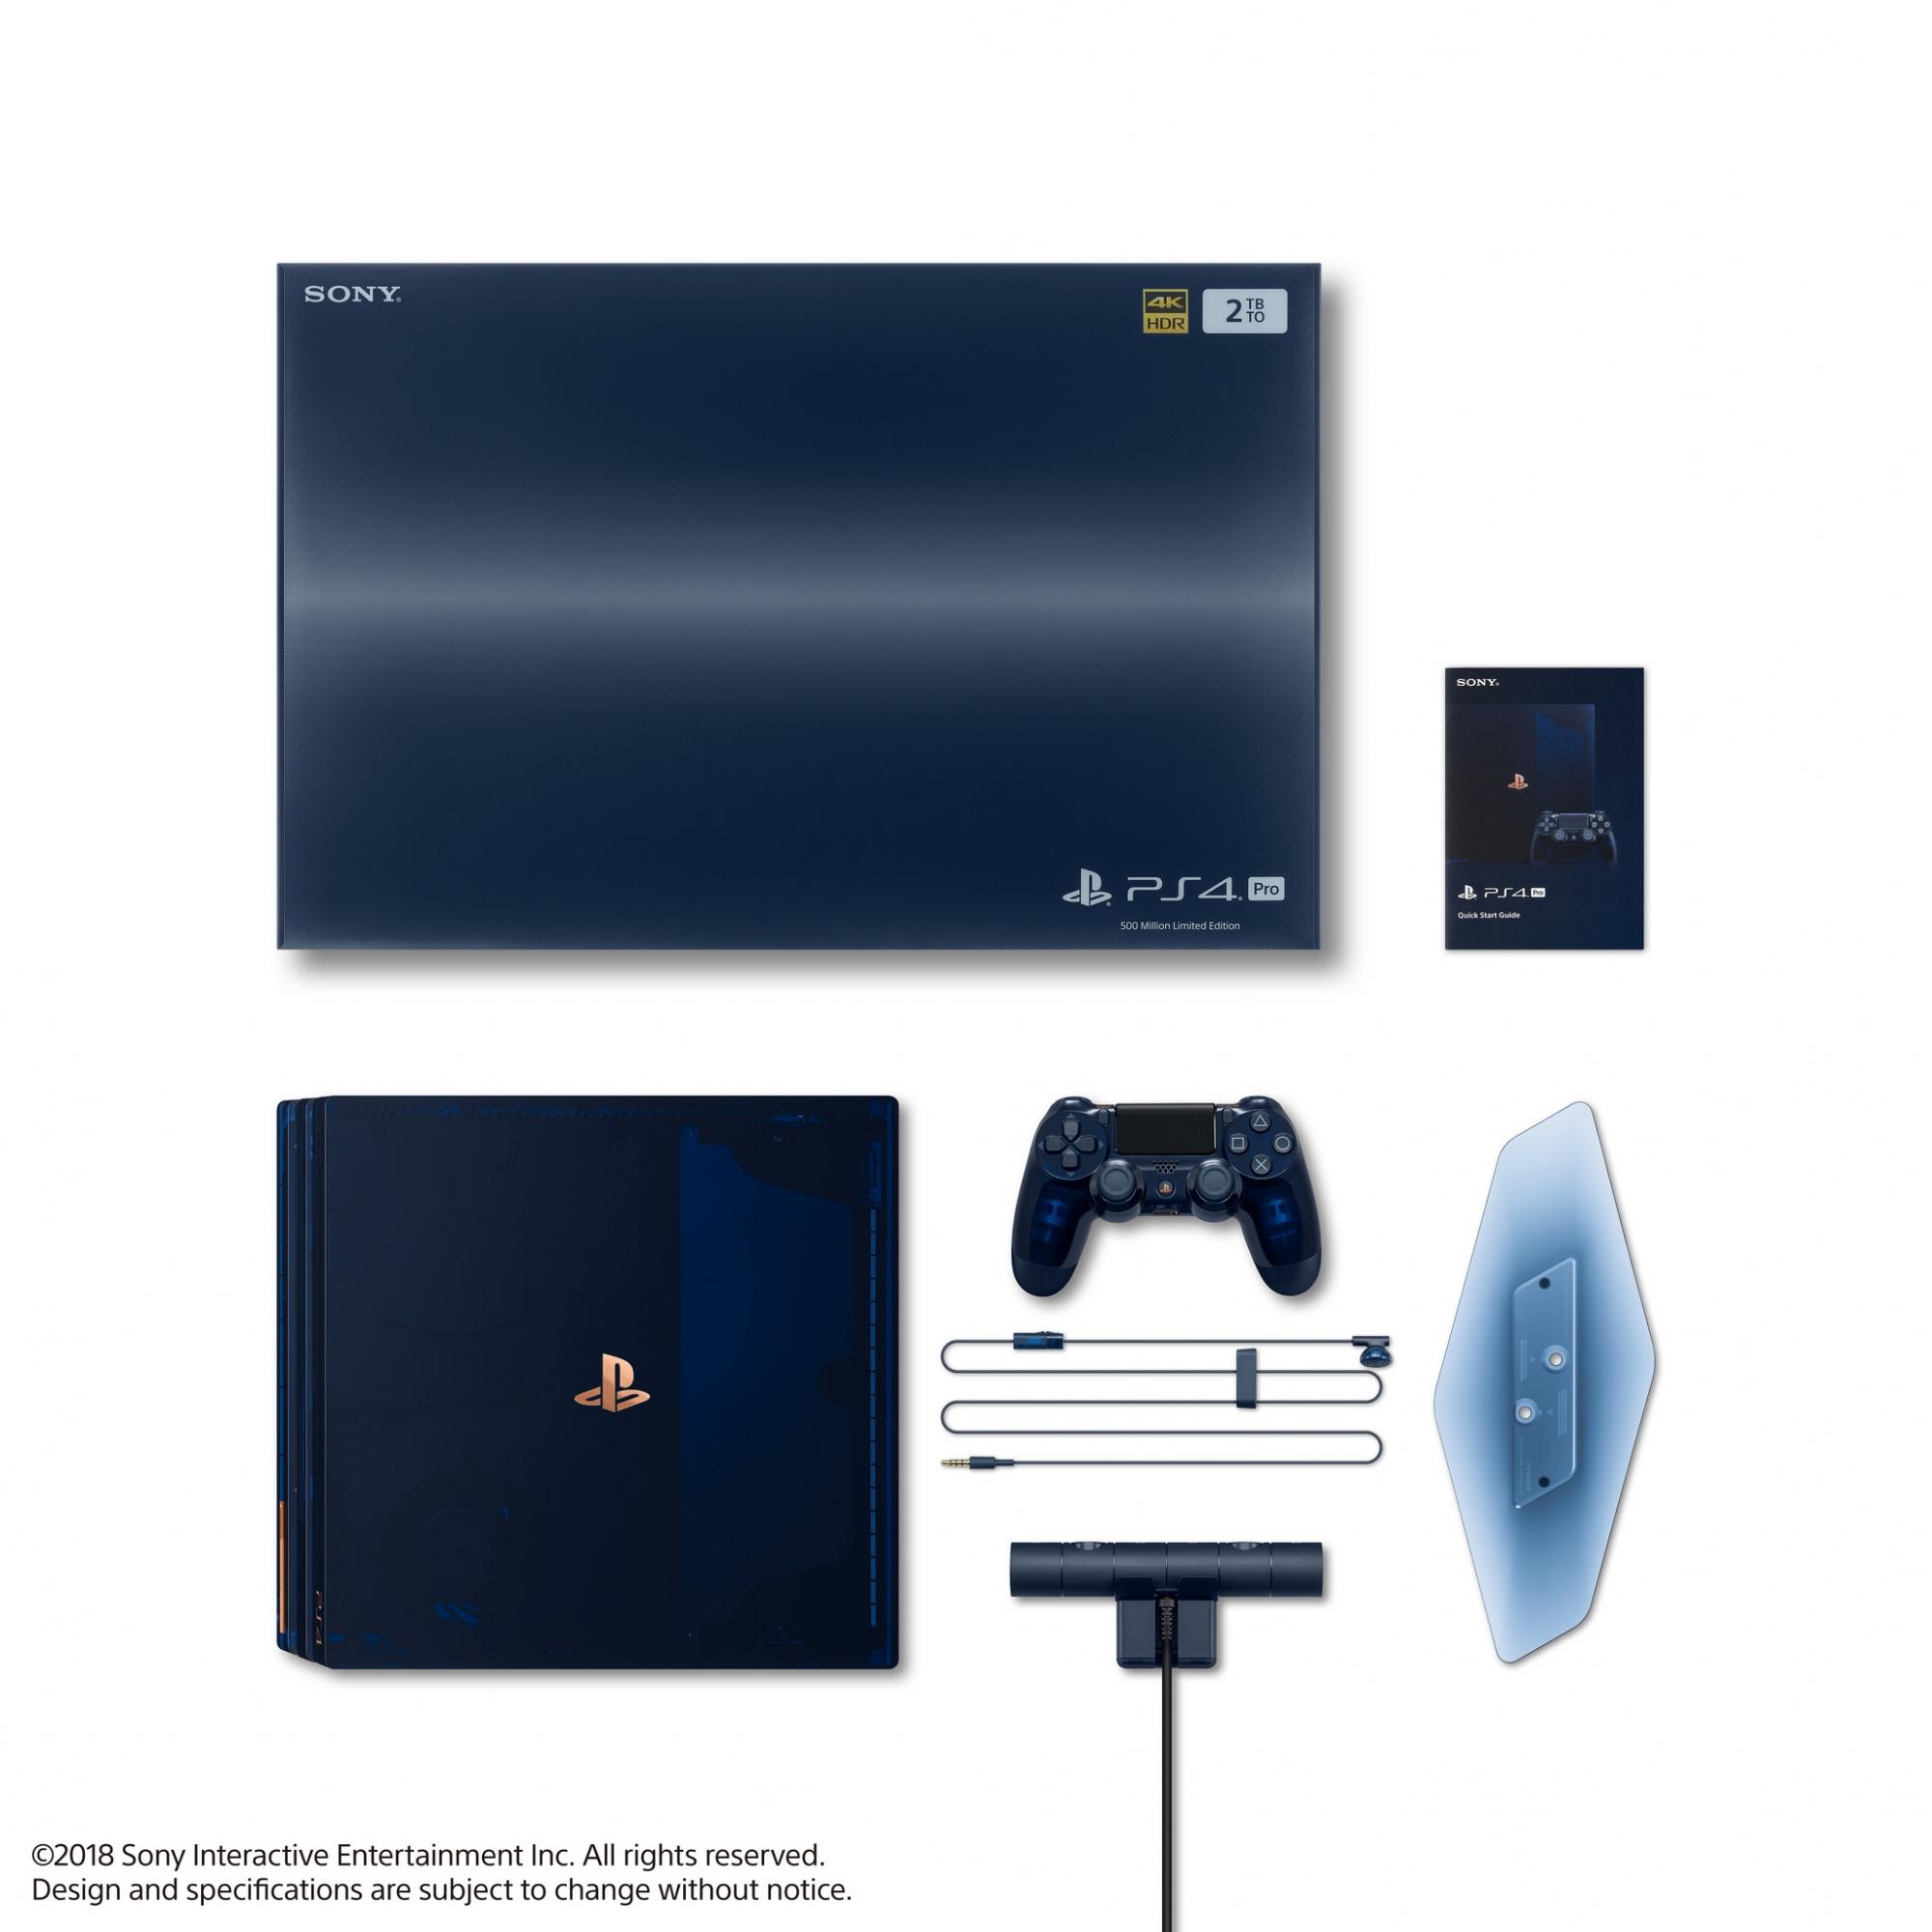 PS4 Pro Edición Limitada 500 millones. (Foto: Sony)